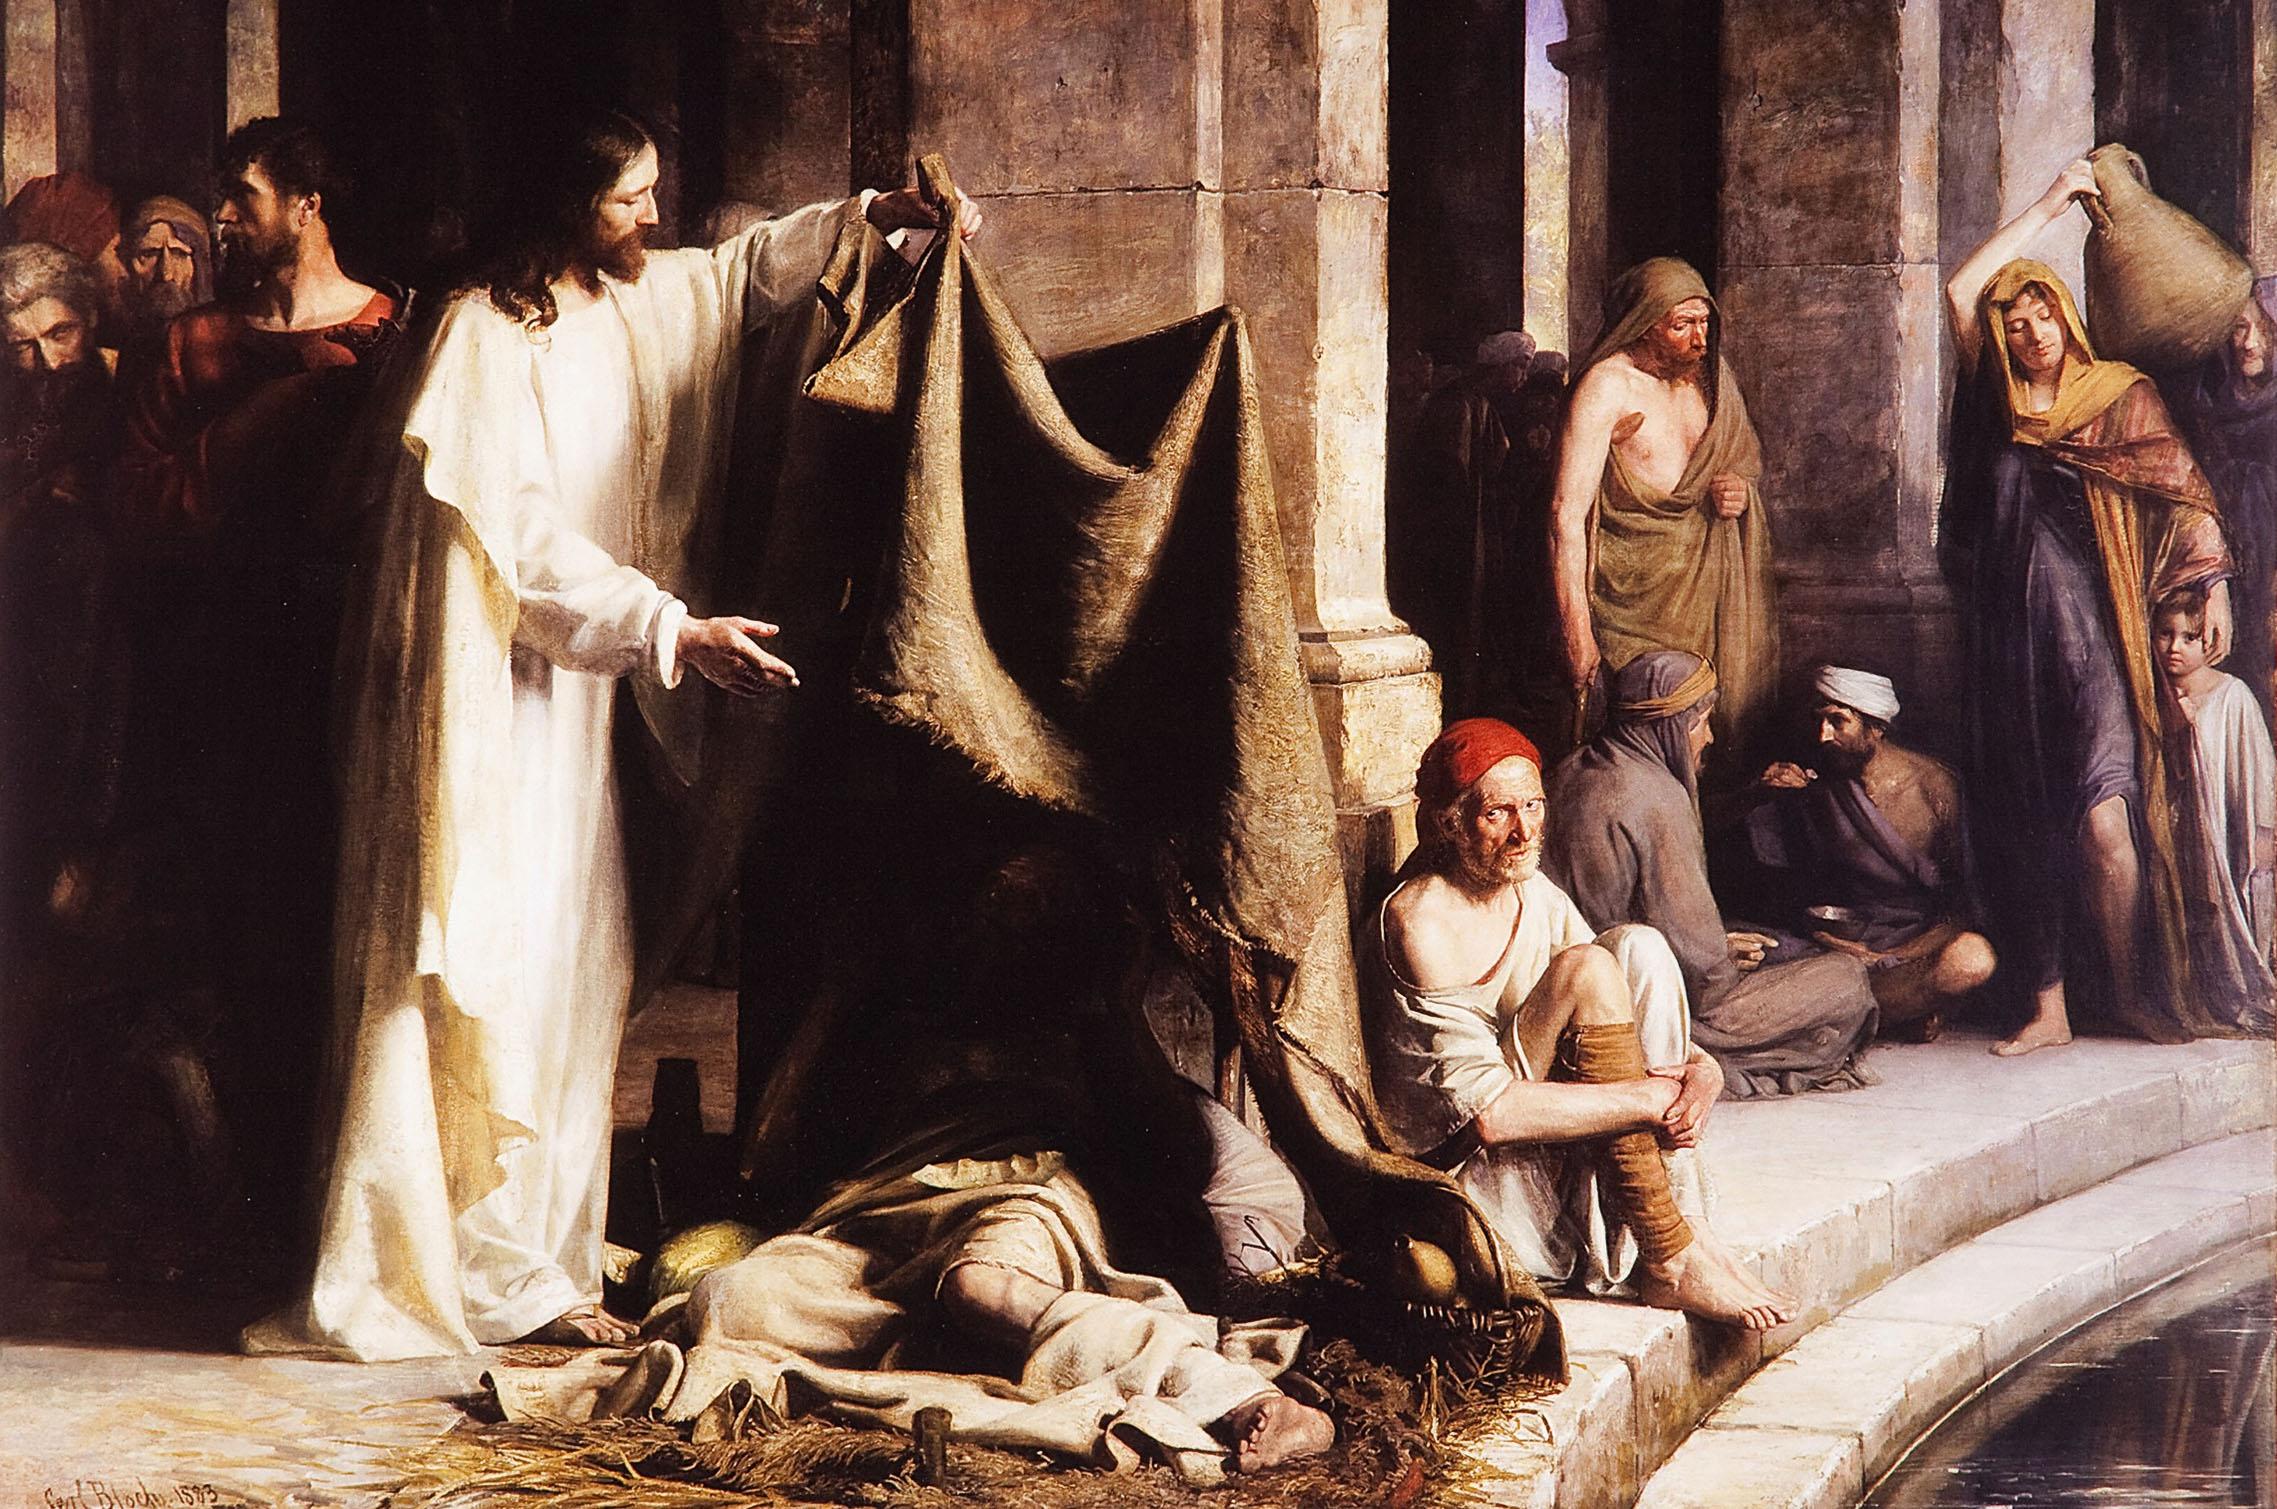 Проповедь день покоя - тогда и сегодня (алексей коломийцев)